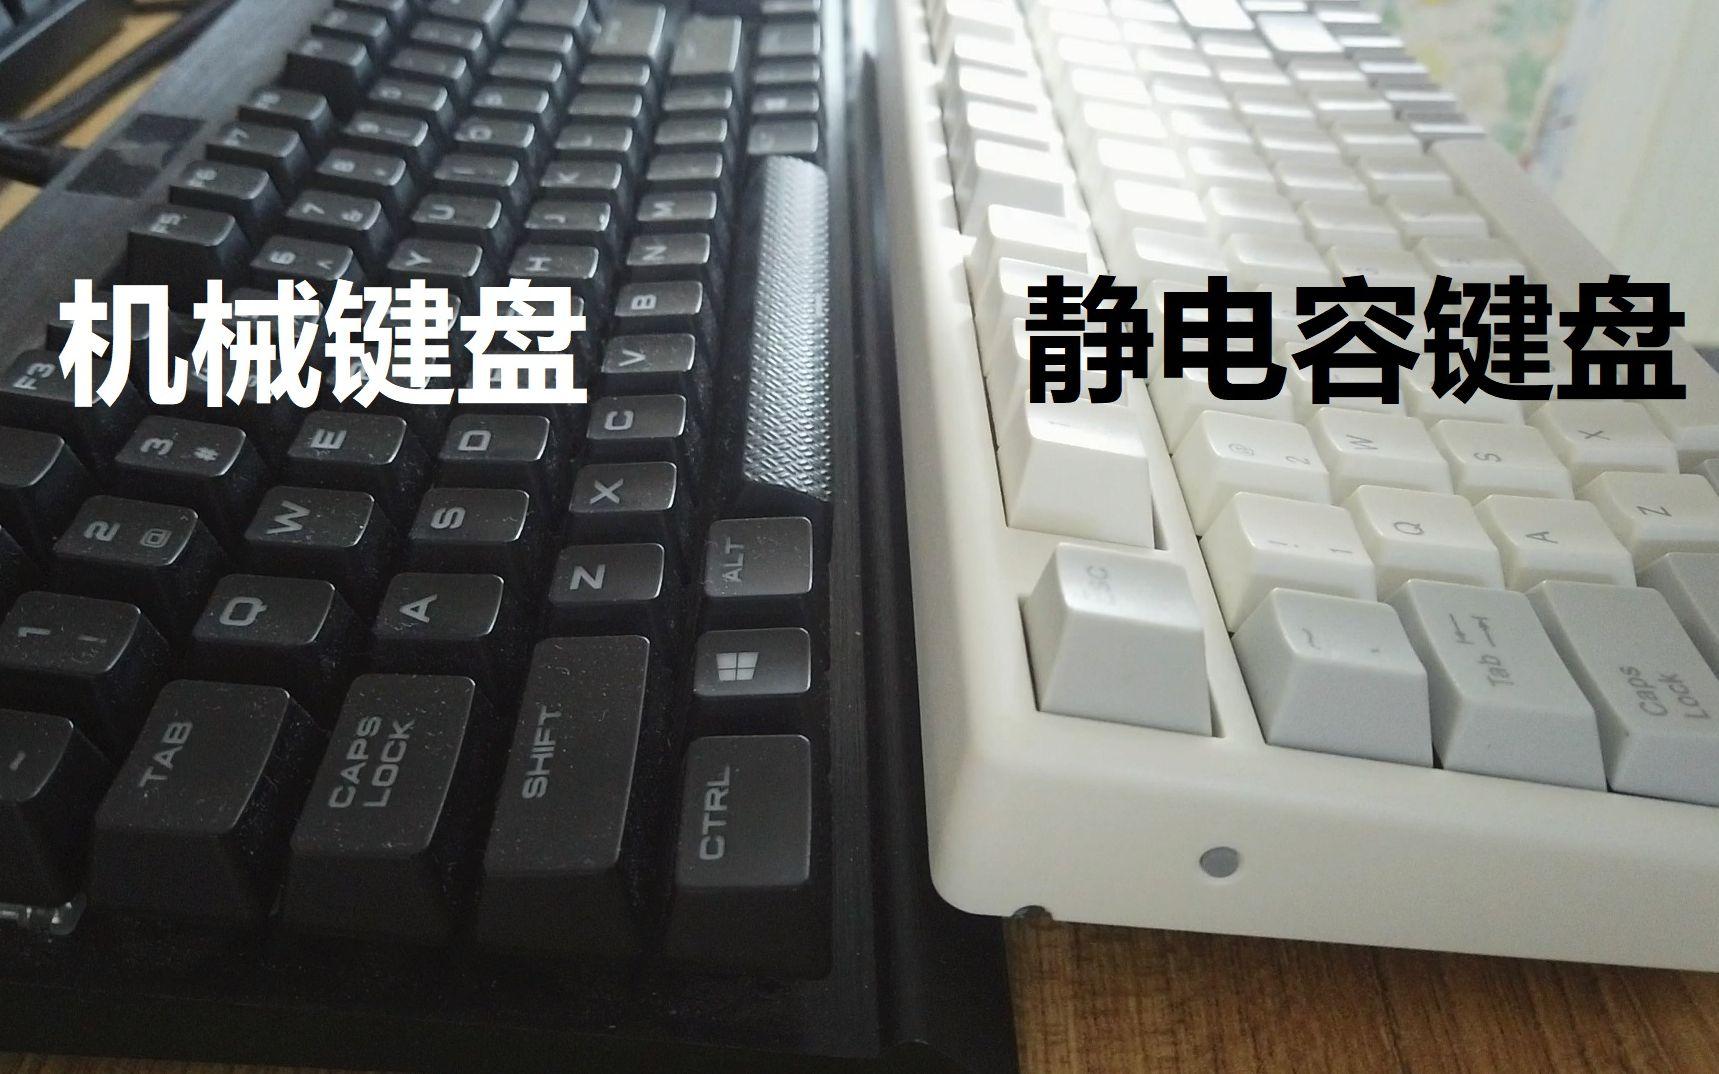 靜電容鍵盤和機械鍵盤聲音對比_嗶哩嗶哩 (゜-゜)つロ 干杯~-bilibili